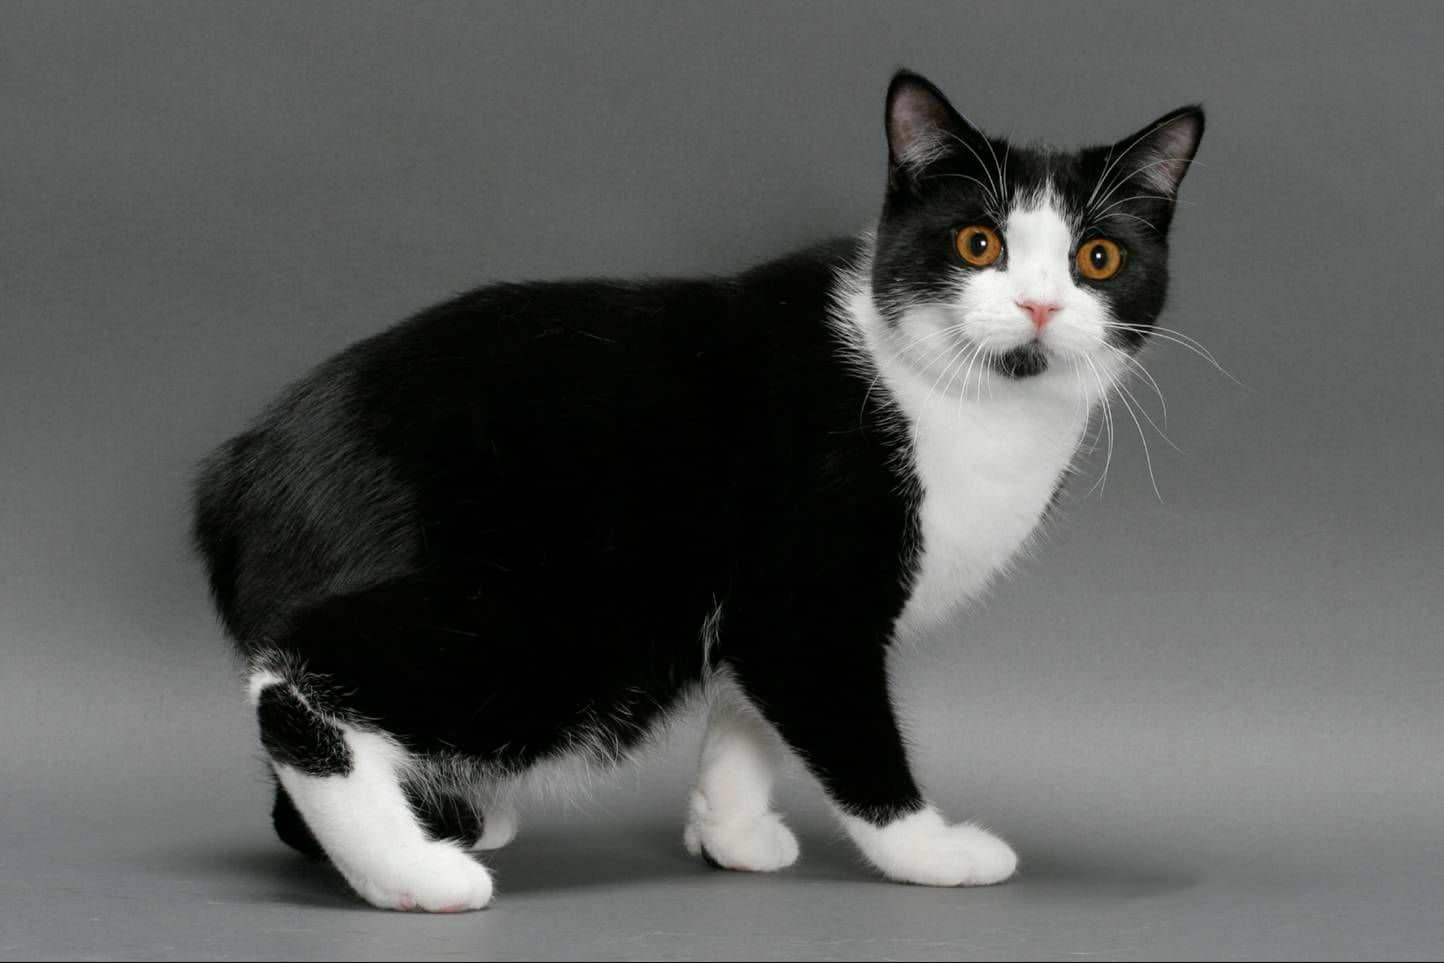 Мэнкс - фото и описание породы кошек (характер, уход и кормление)